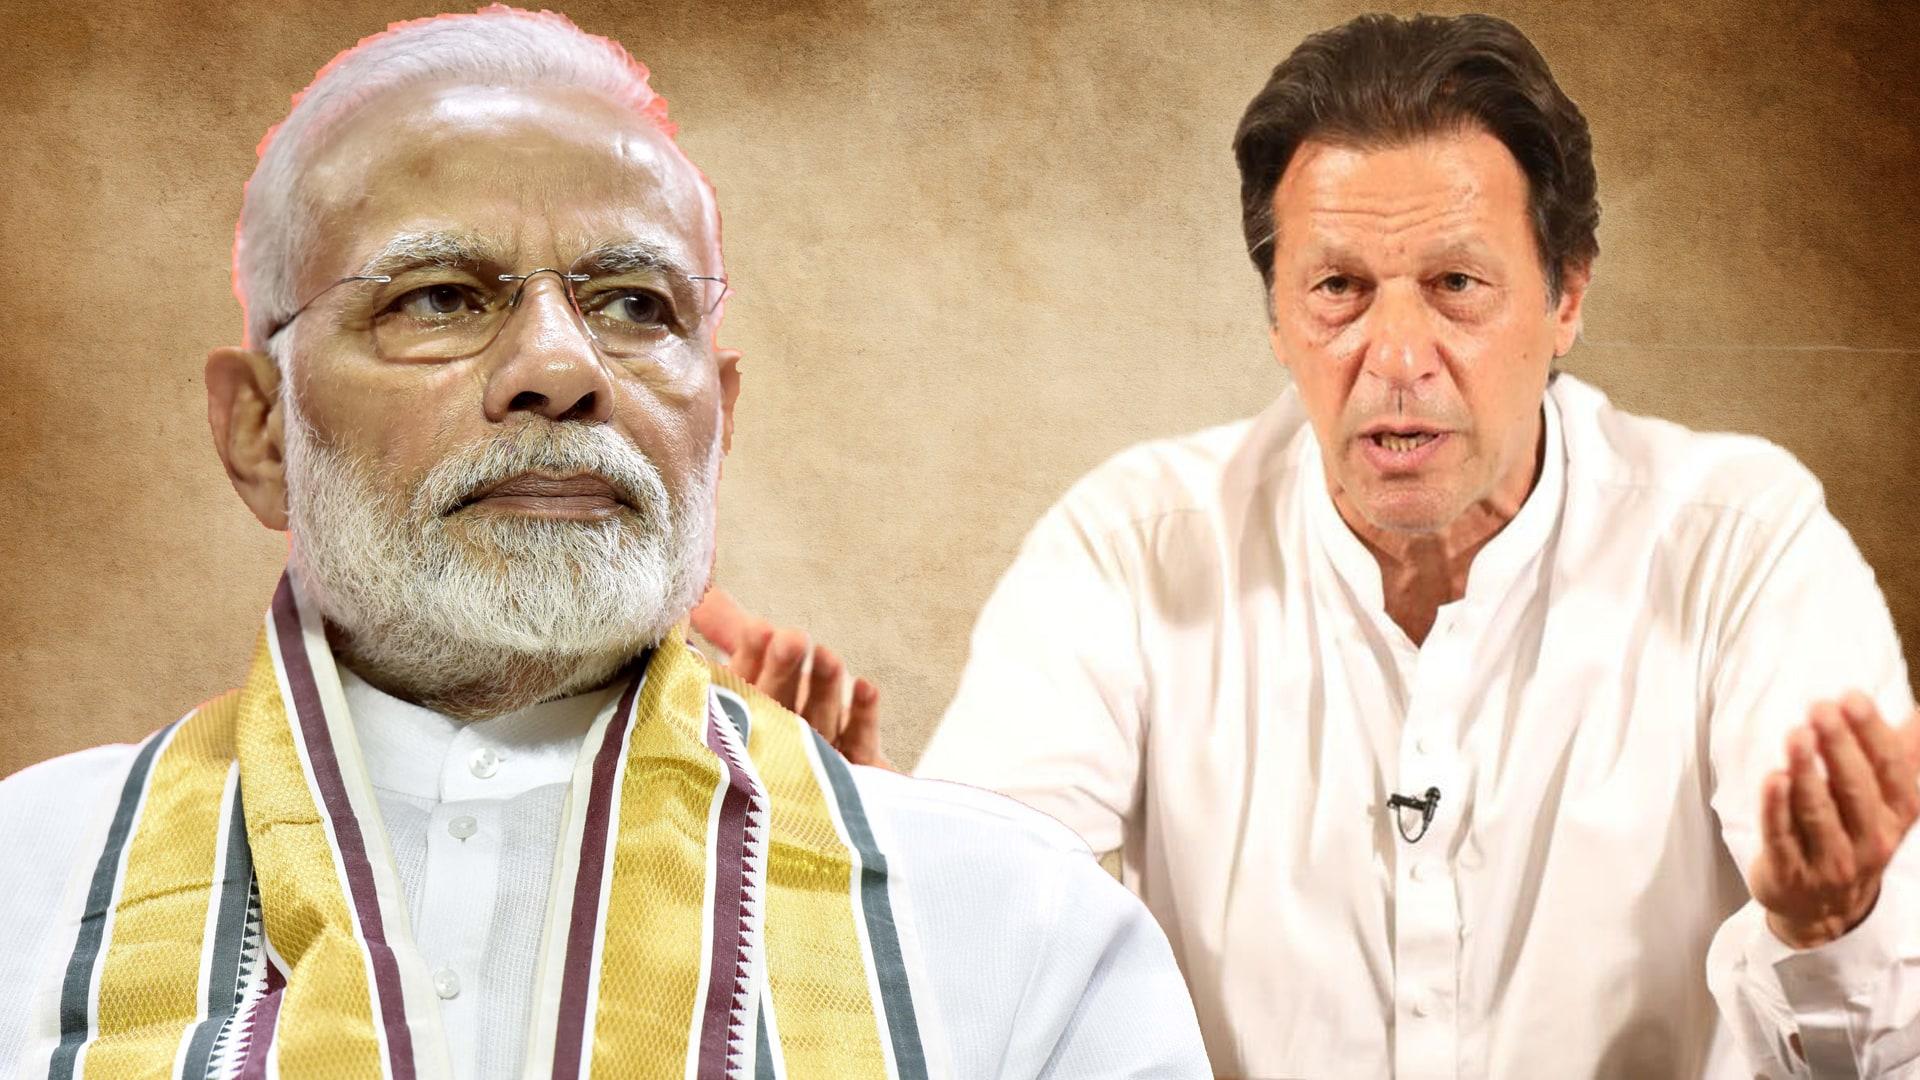 Imran letter to PM Modi says Pakistan remain ready to discuss terrorism